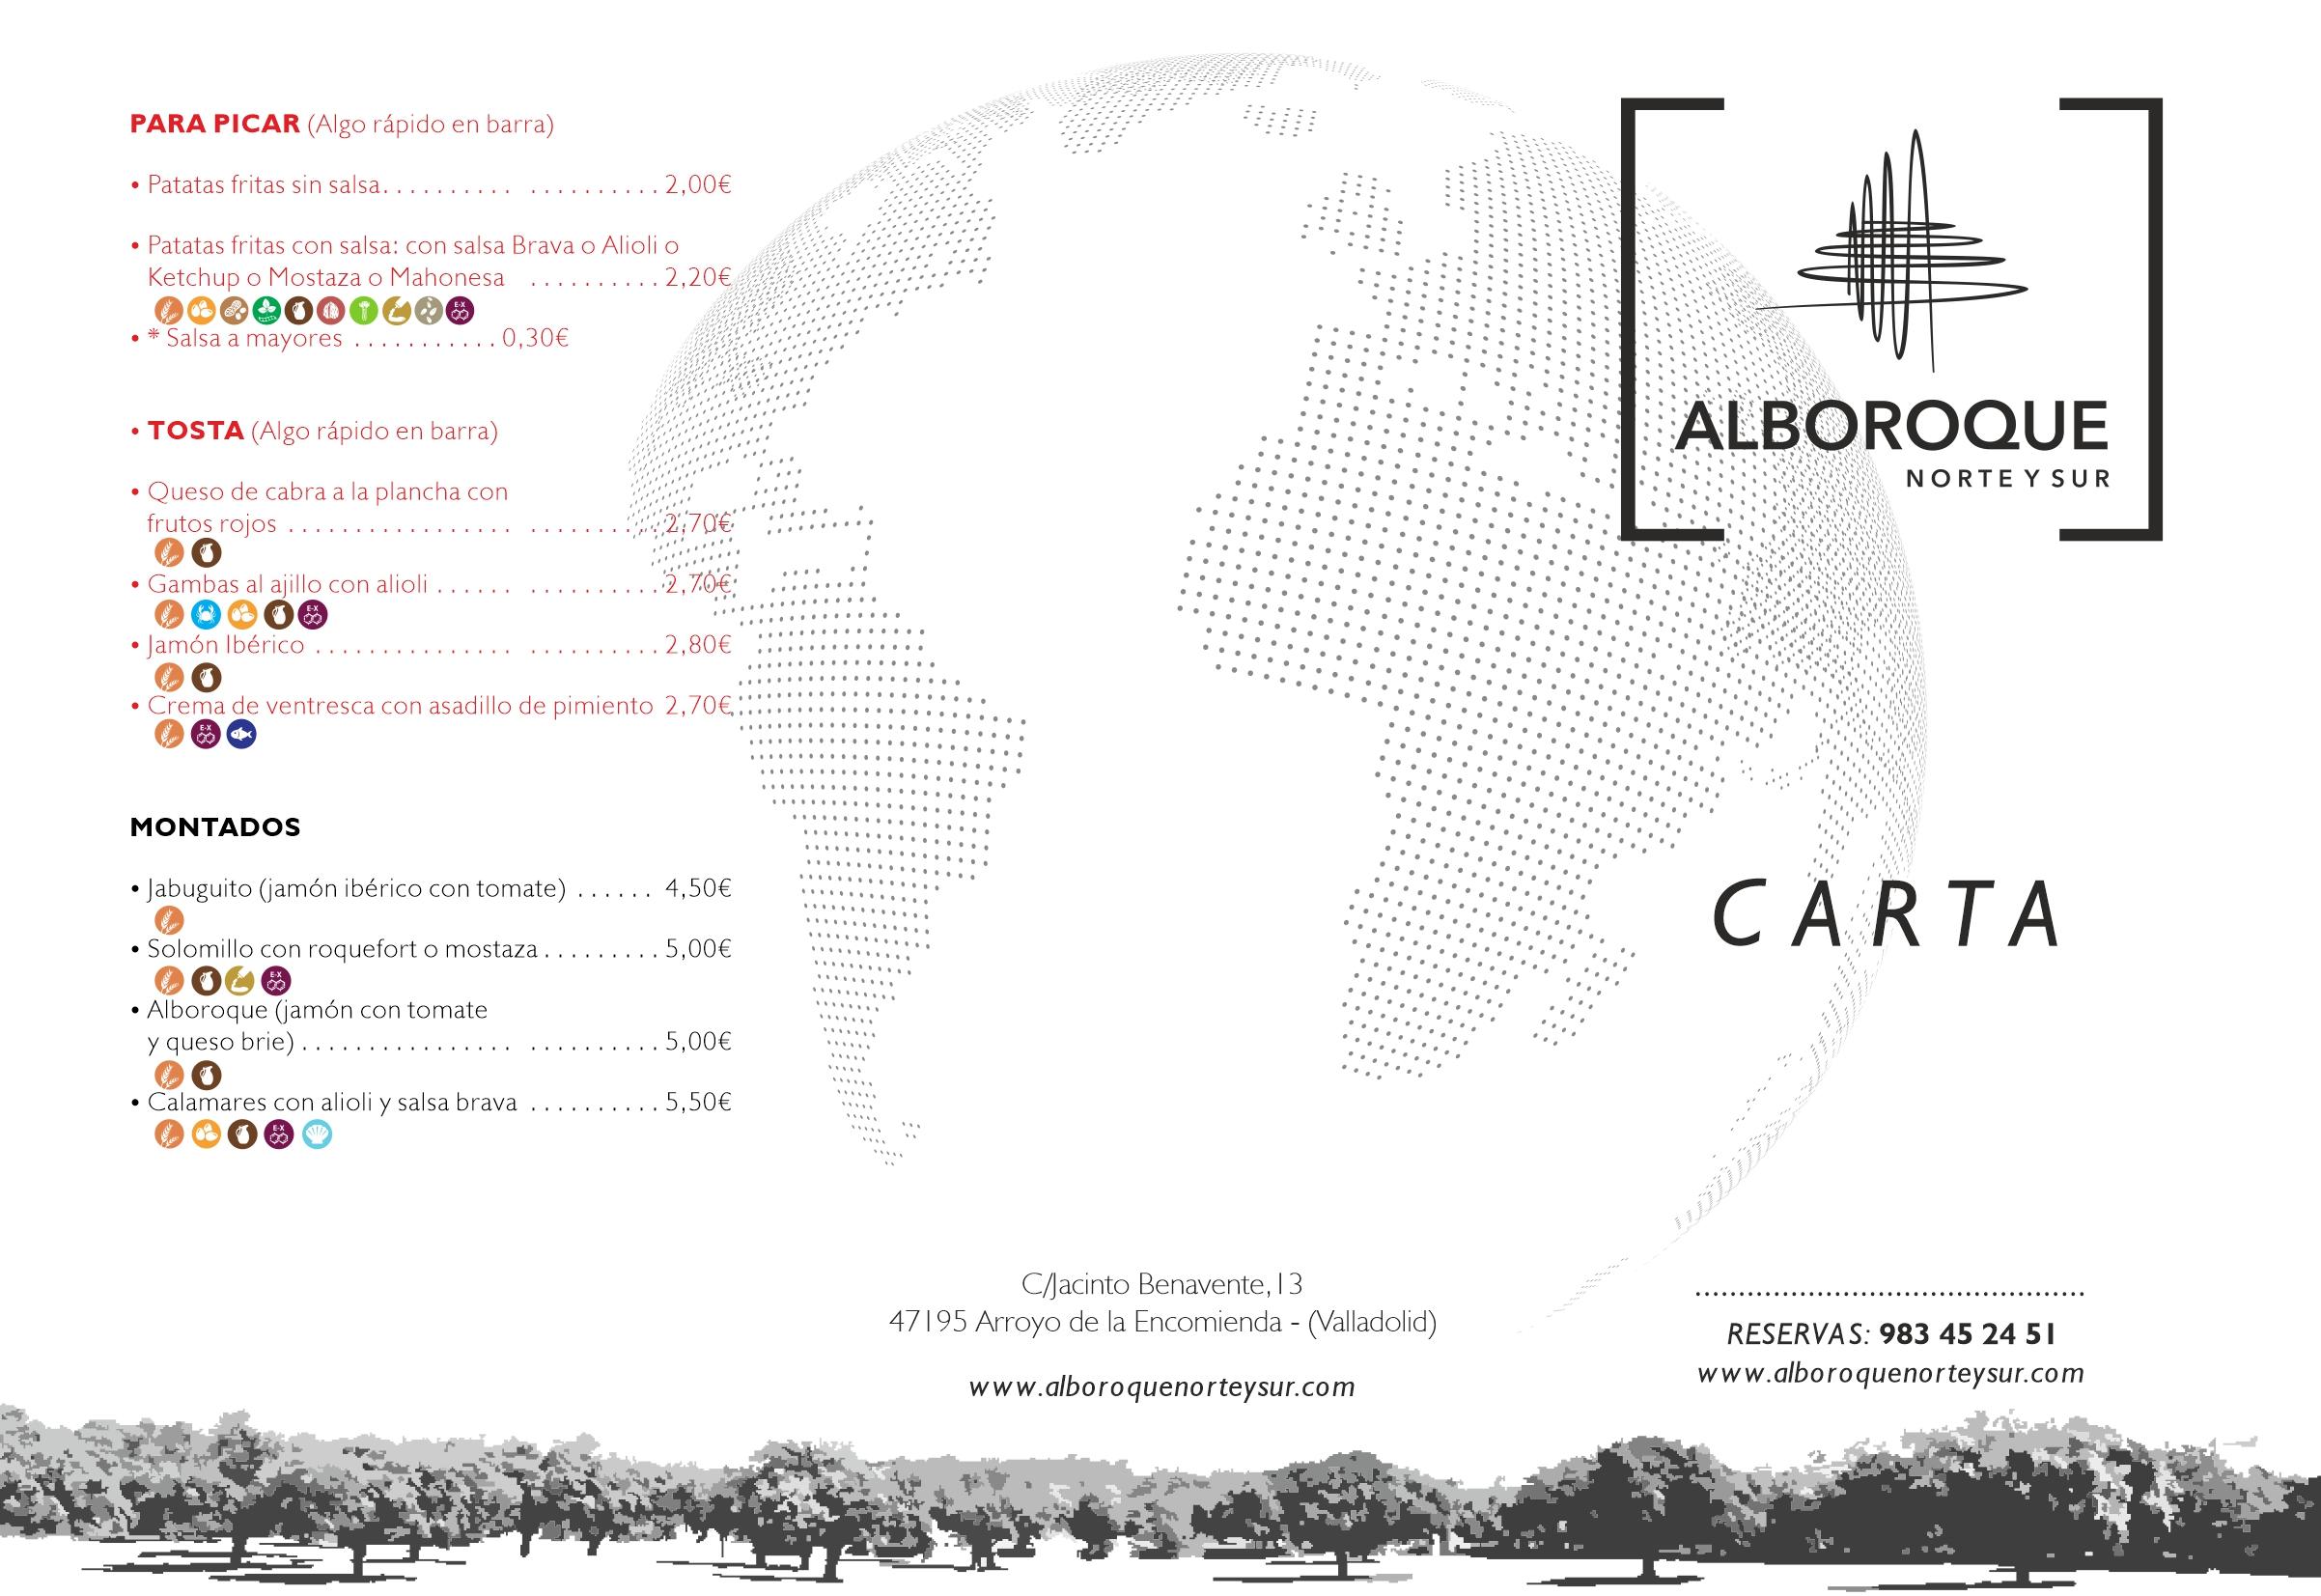 Alboroque Norte y Sur carta2 feb2020